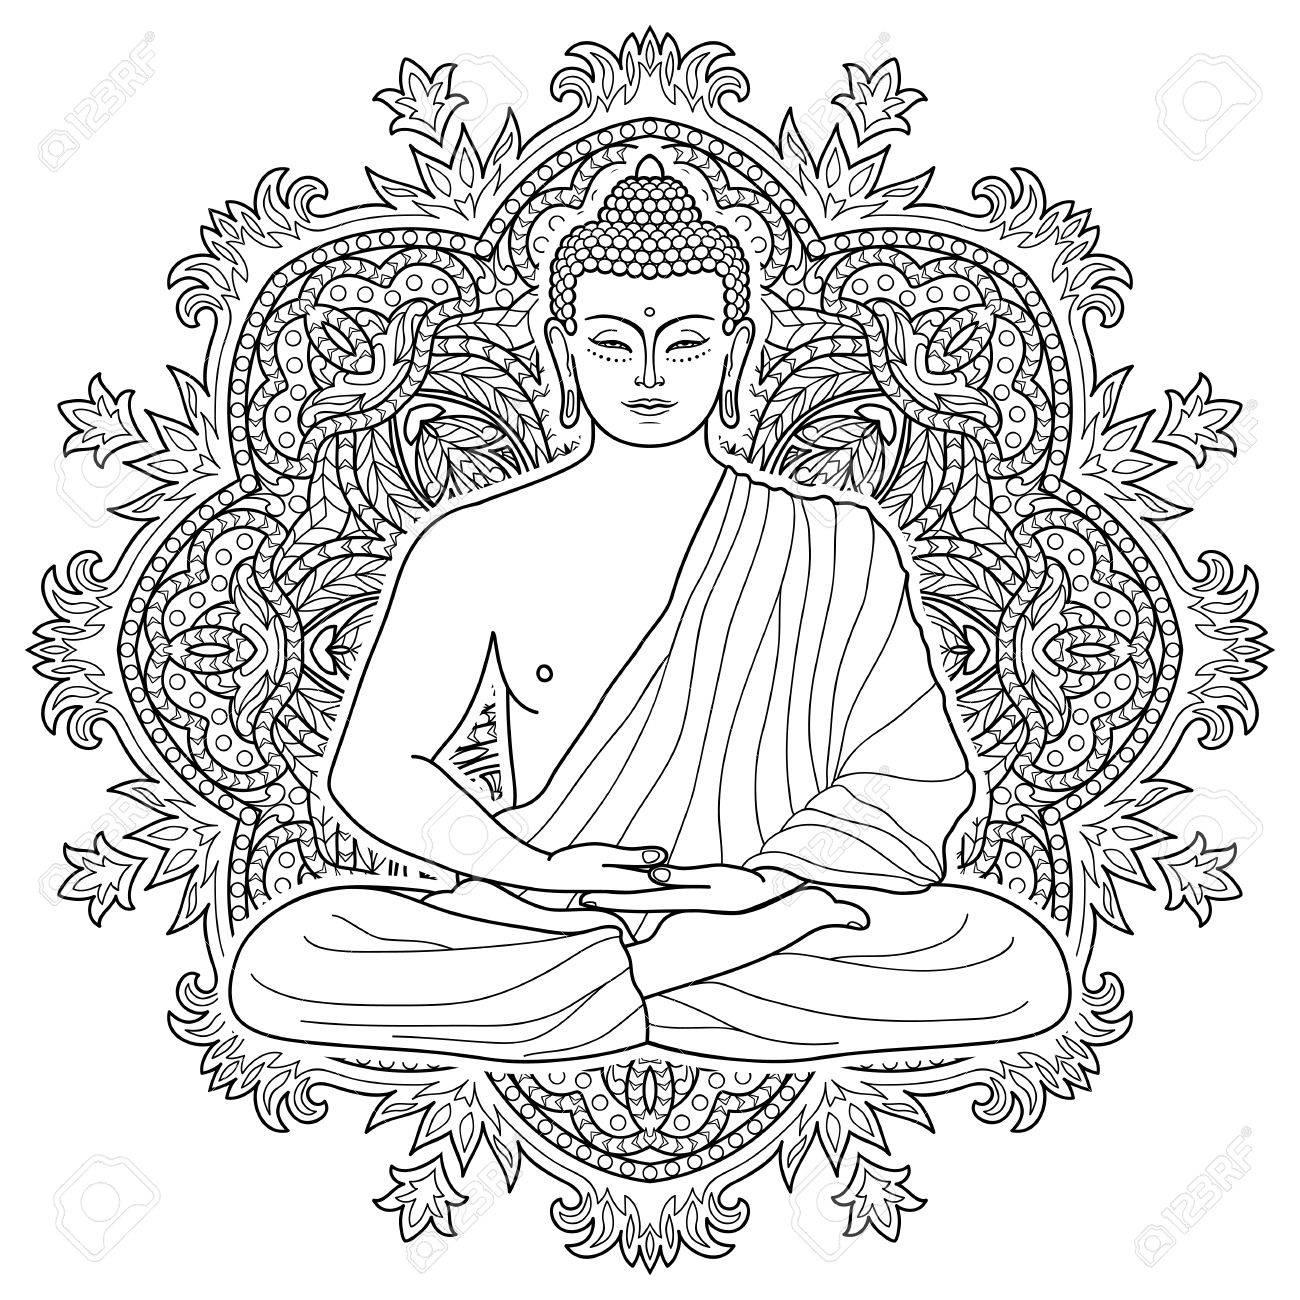 1300x1300 Sitting Buddha In Lotus Position On Mandala Round Background